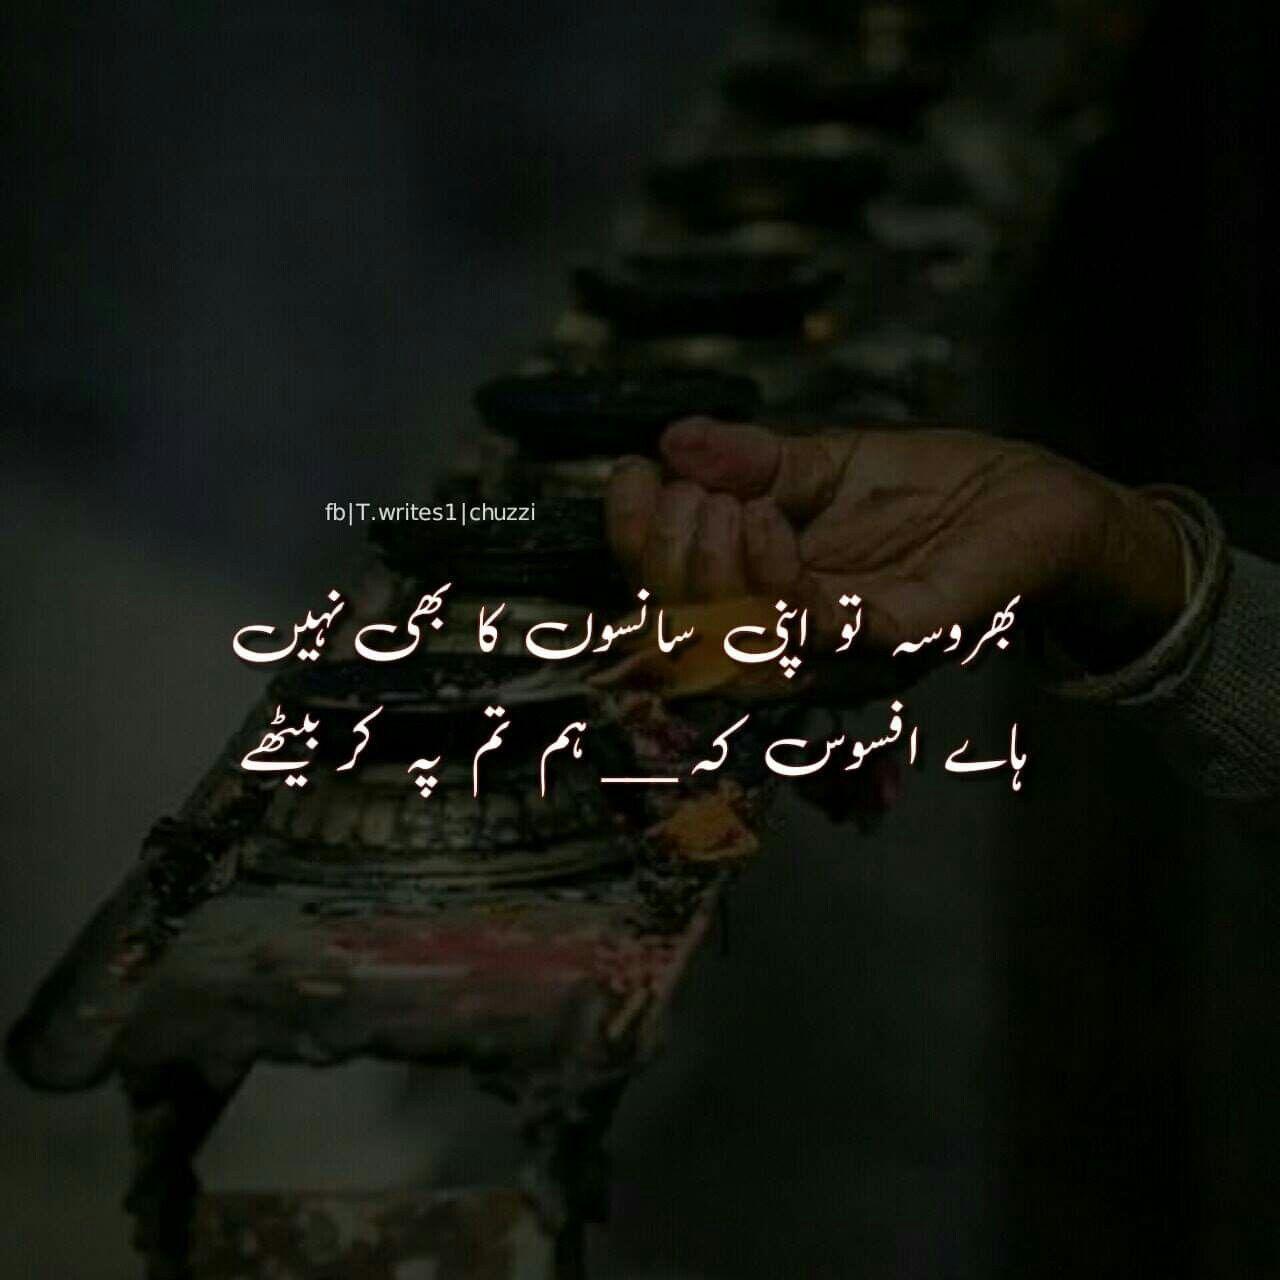 Kaanch Kii Guriiya True Words Joker Quotes Urdu Poetry